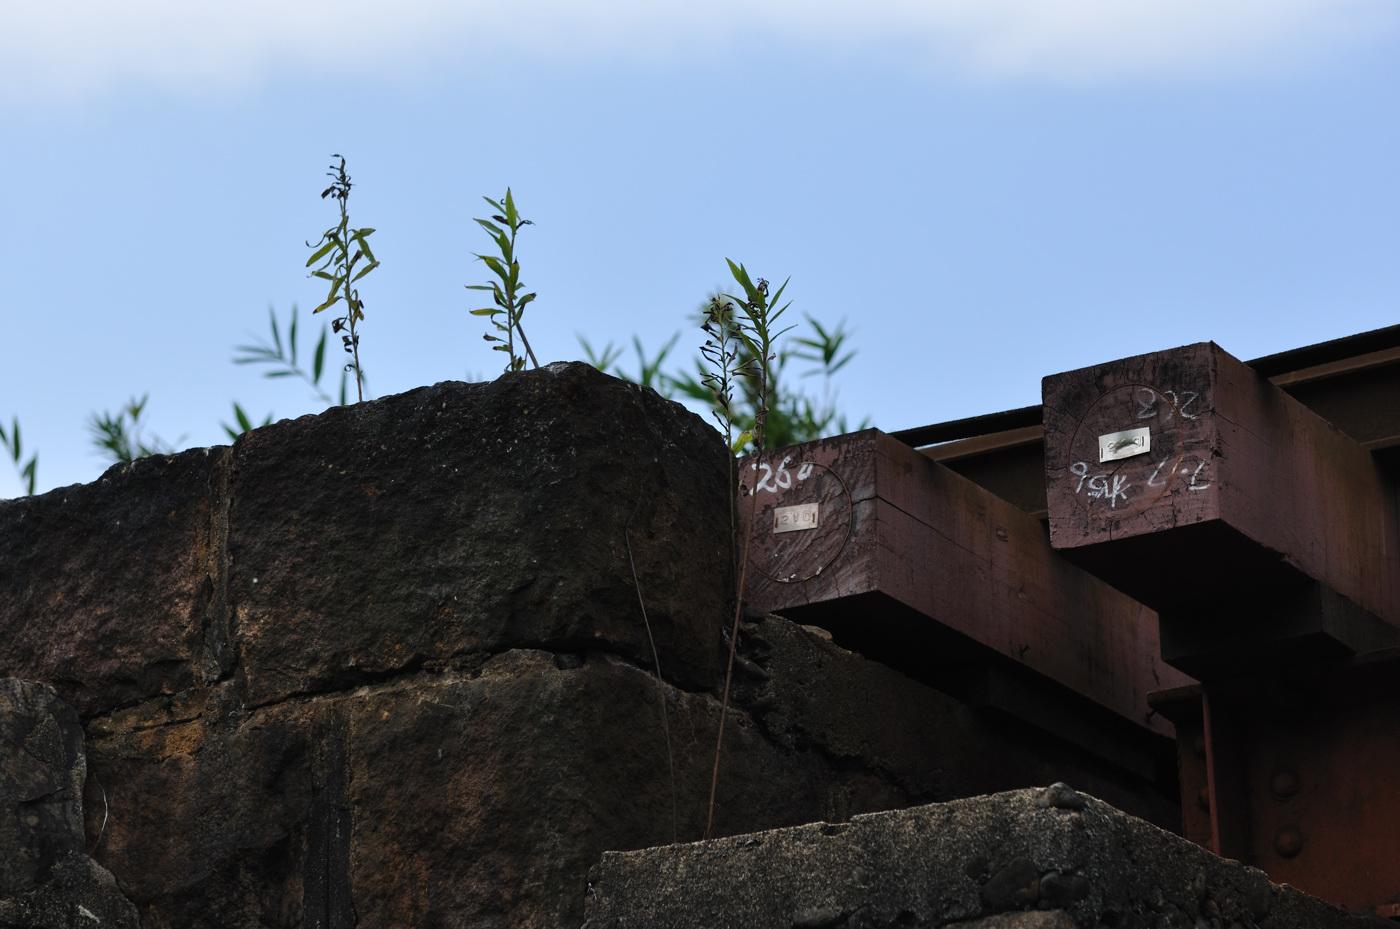 芸備線の高架